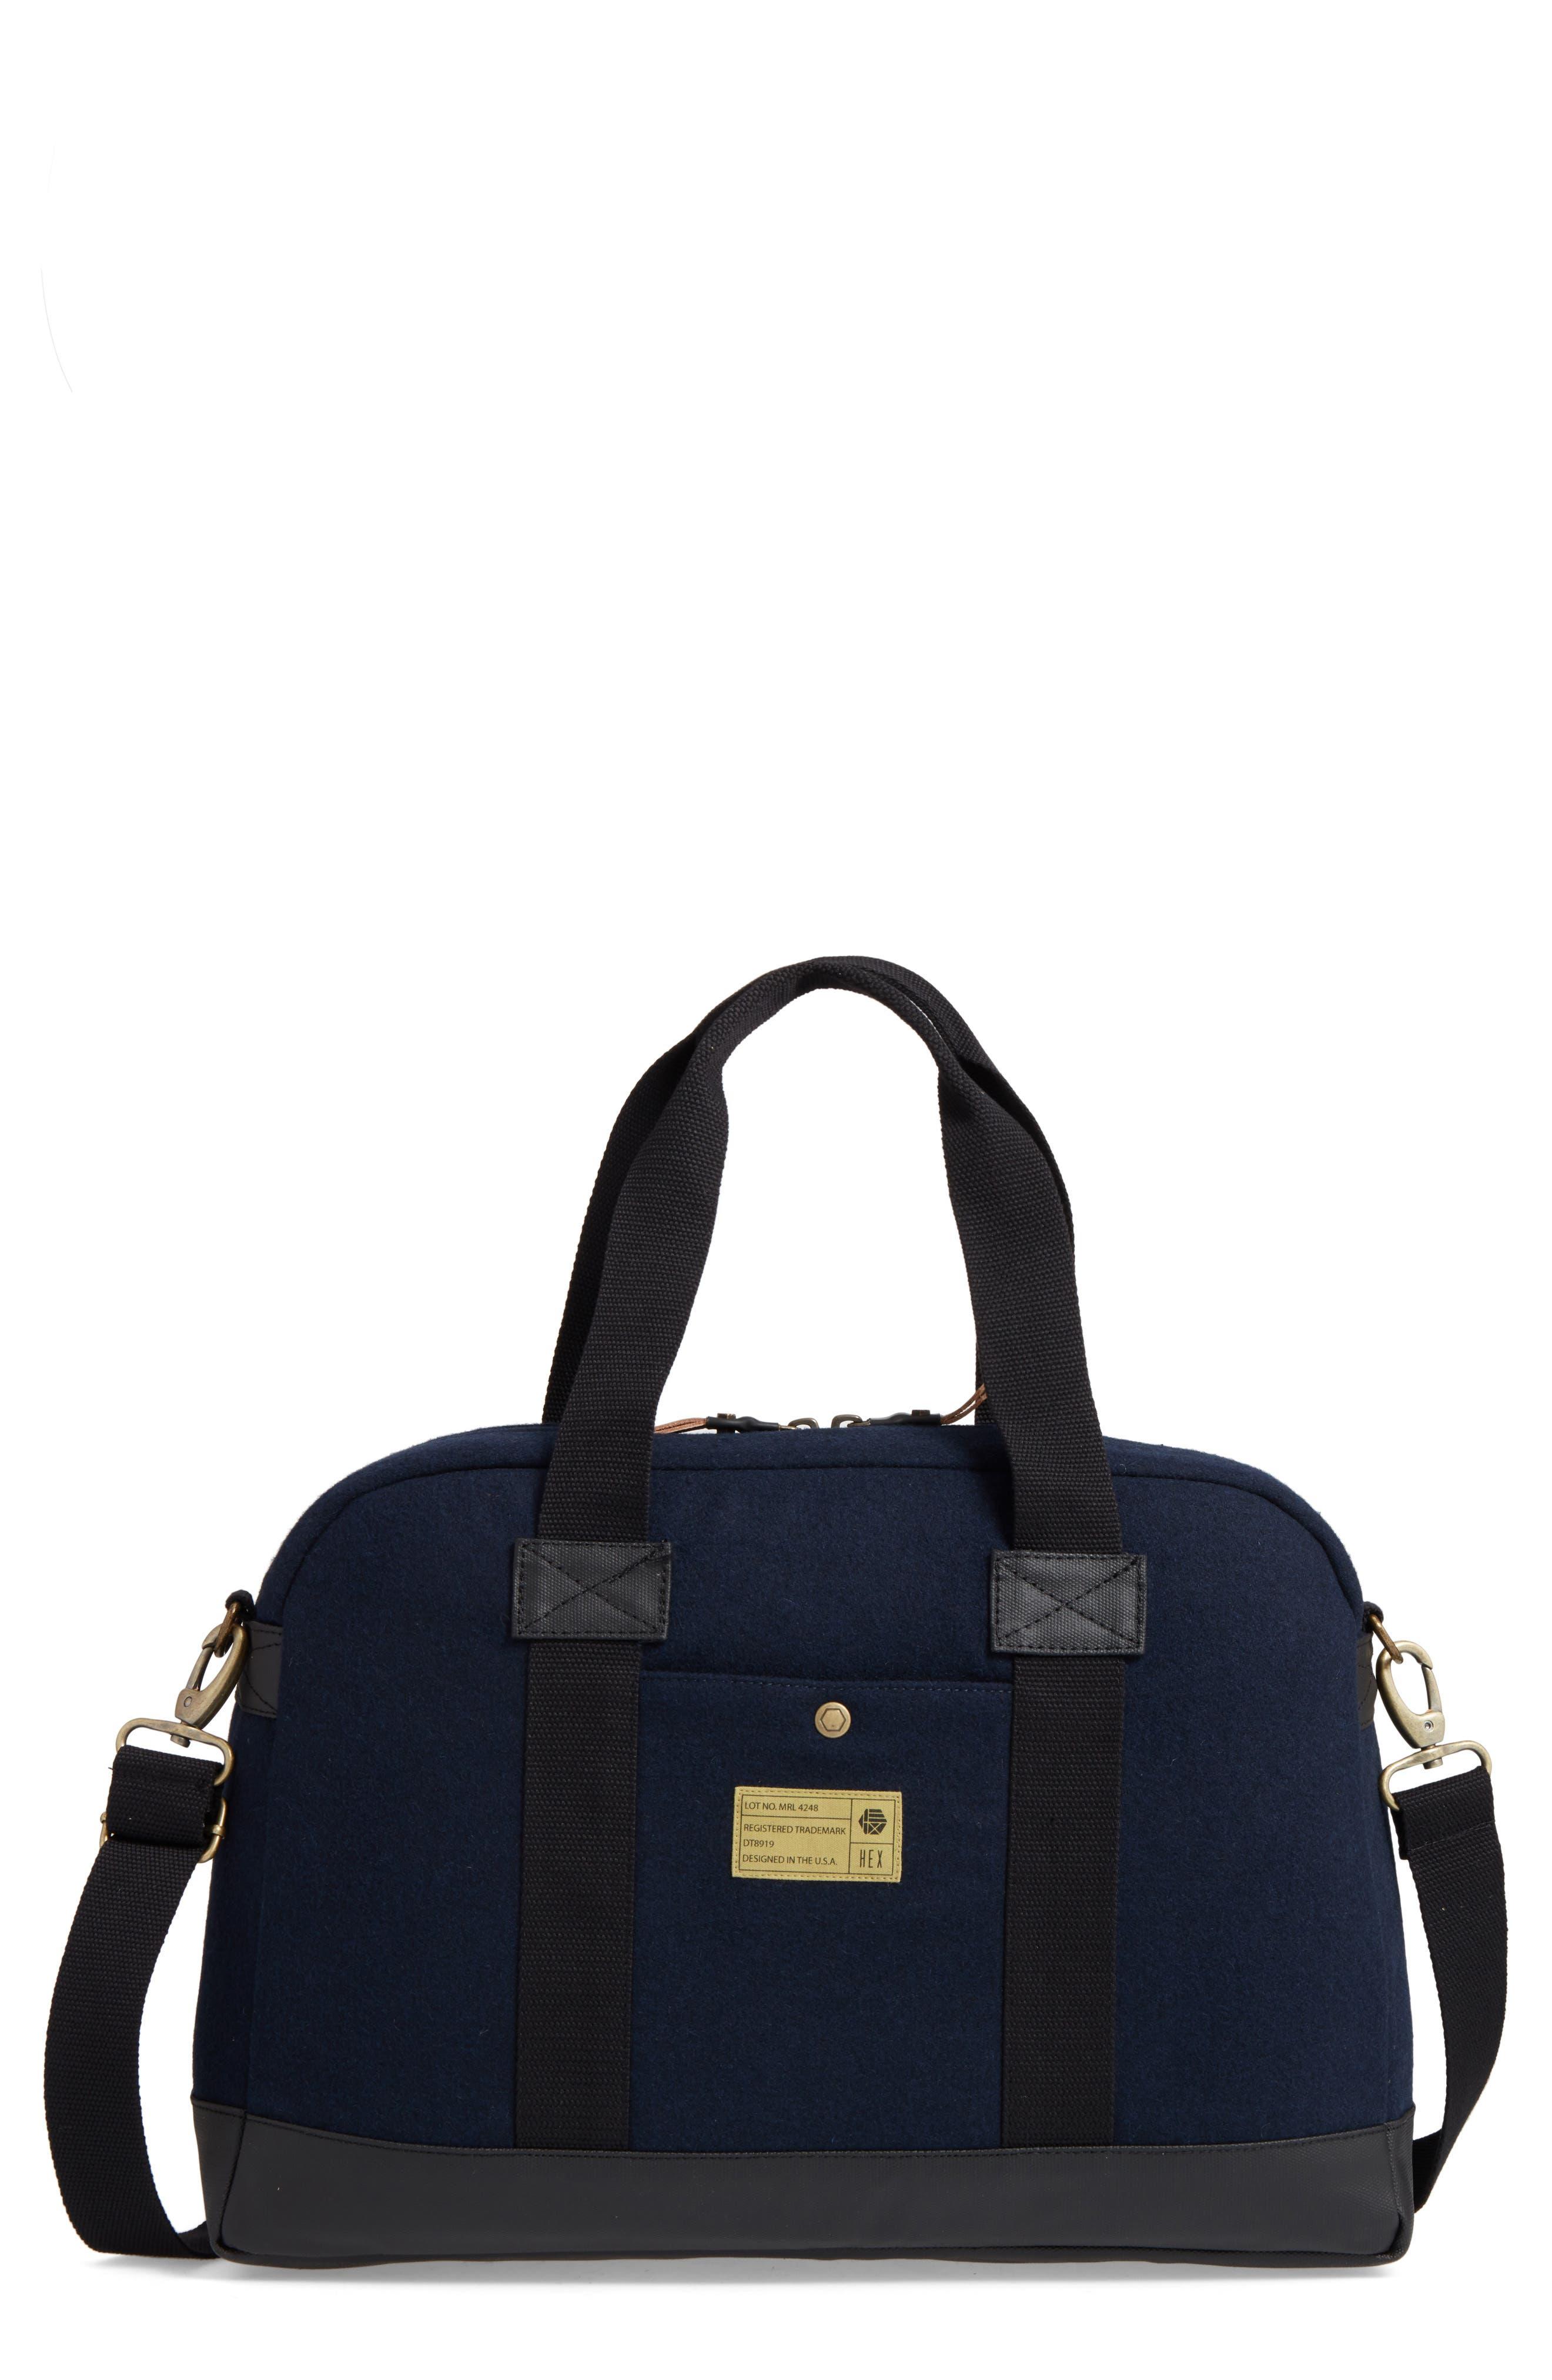 Laptop Duffel Bag,                         Main,                         color, 410